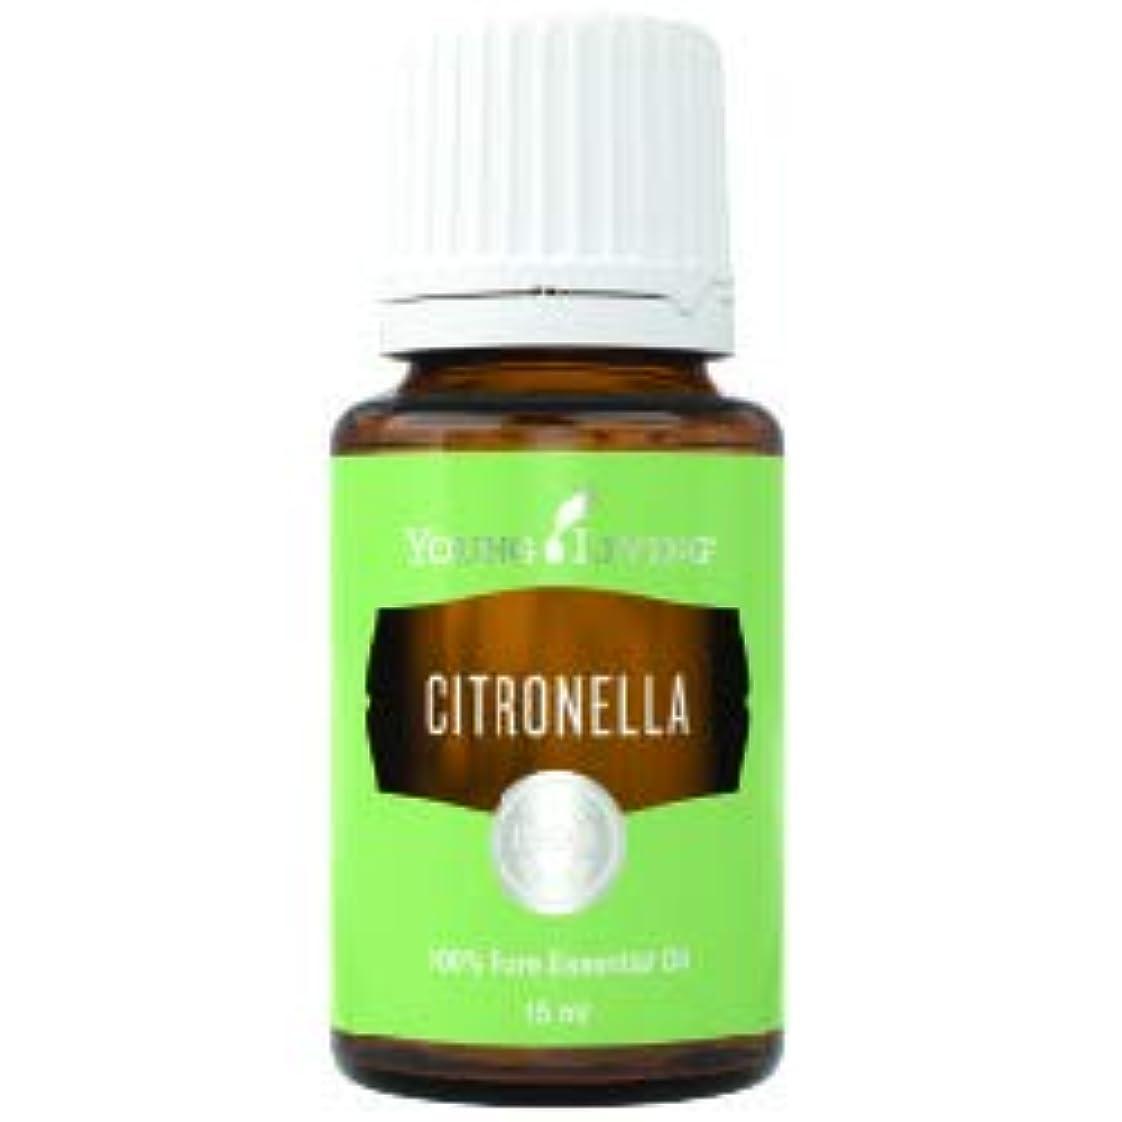 かわいらしい助けになるぐったりシトロネラエッセンシャルオイル15 ml byヤングリビングマレーシア Citronella Essential Oil 15 ml by Young Living Malaysia